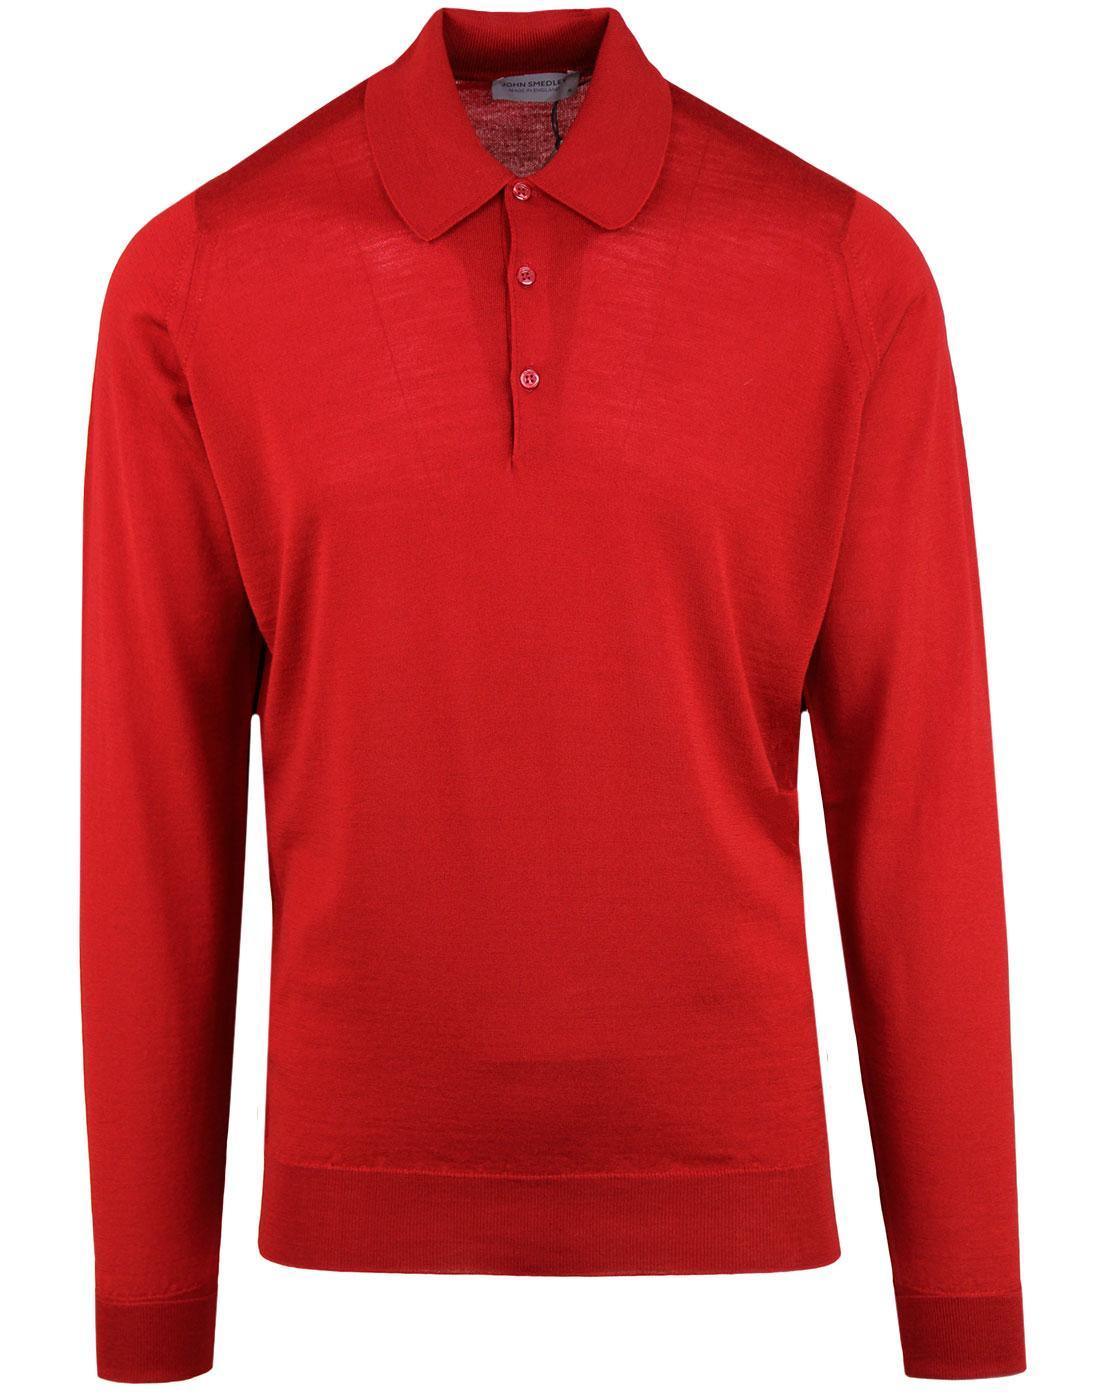 Dorset JOHN SMEDLEY Made in England Polo Shirt DR